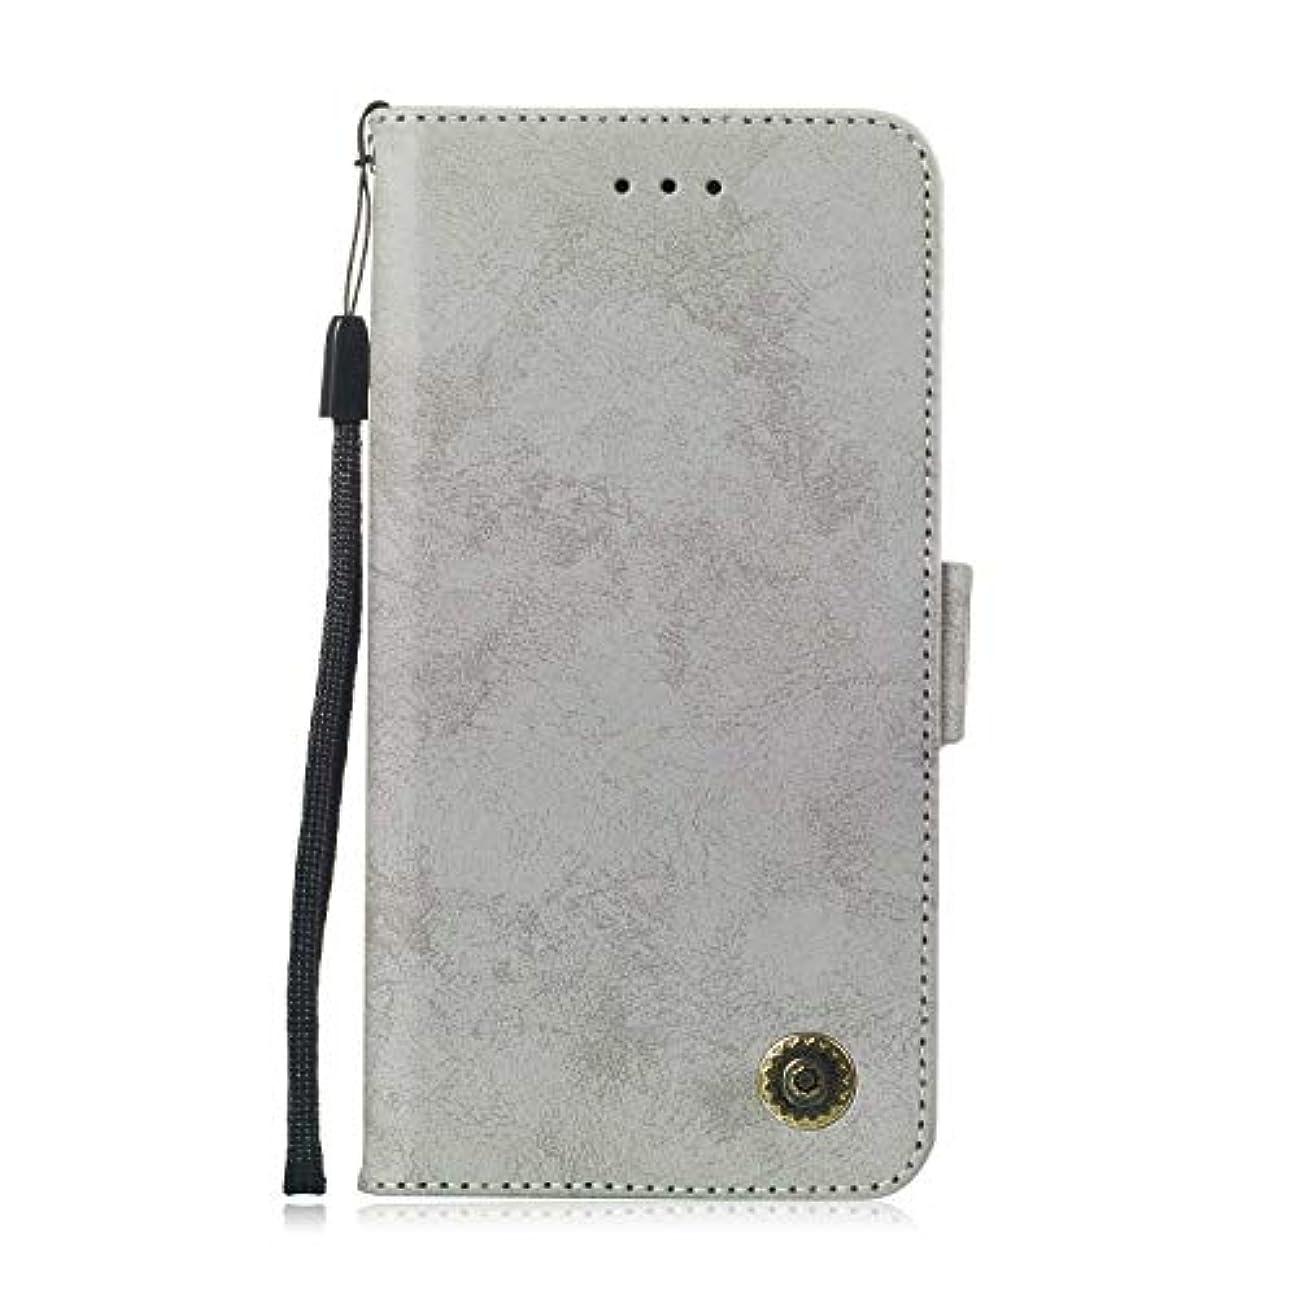 遺産気質学生Zeebox® Huawei Mate 20 Lite 手帳型ケース Huawei Mate 20 Lite 手帳型カバー 財布型 合皮PUレザー マグネット式 保護ケース カード収納 スタンド 機能 (グレー #5)